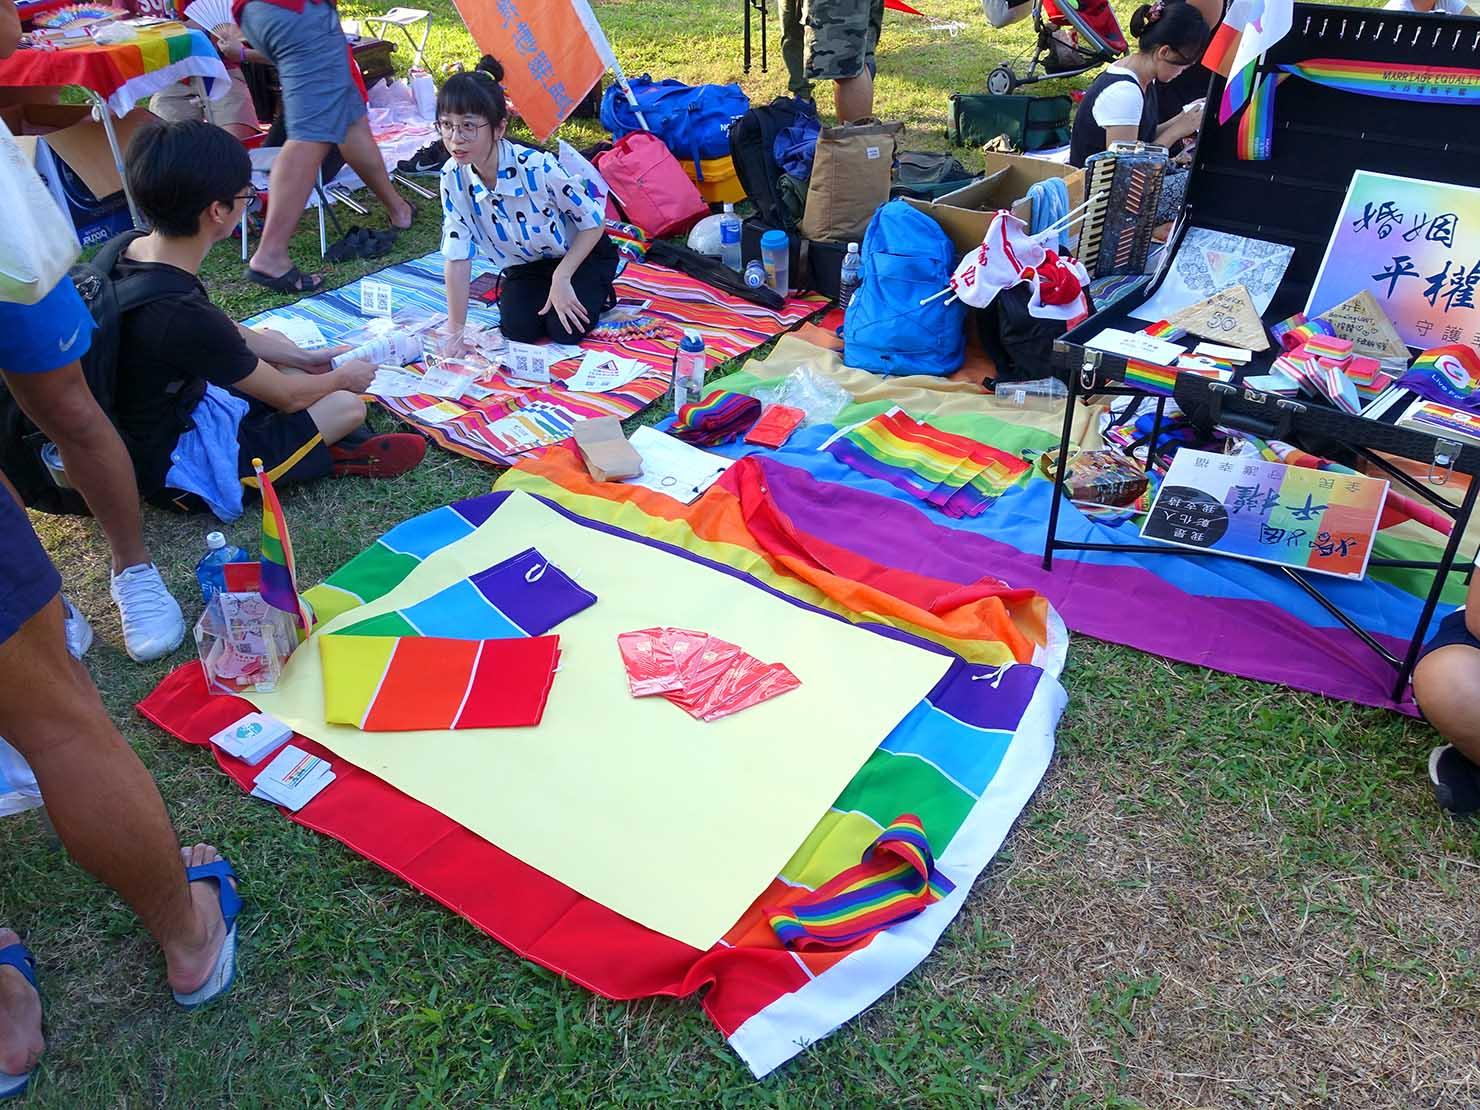 花東彩虹嘉年華(台湾東部LGBTプライド / 台東場)の集合地点・新生公園でレインボーアイテムを売るブース